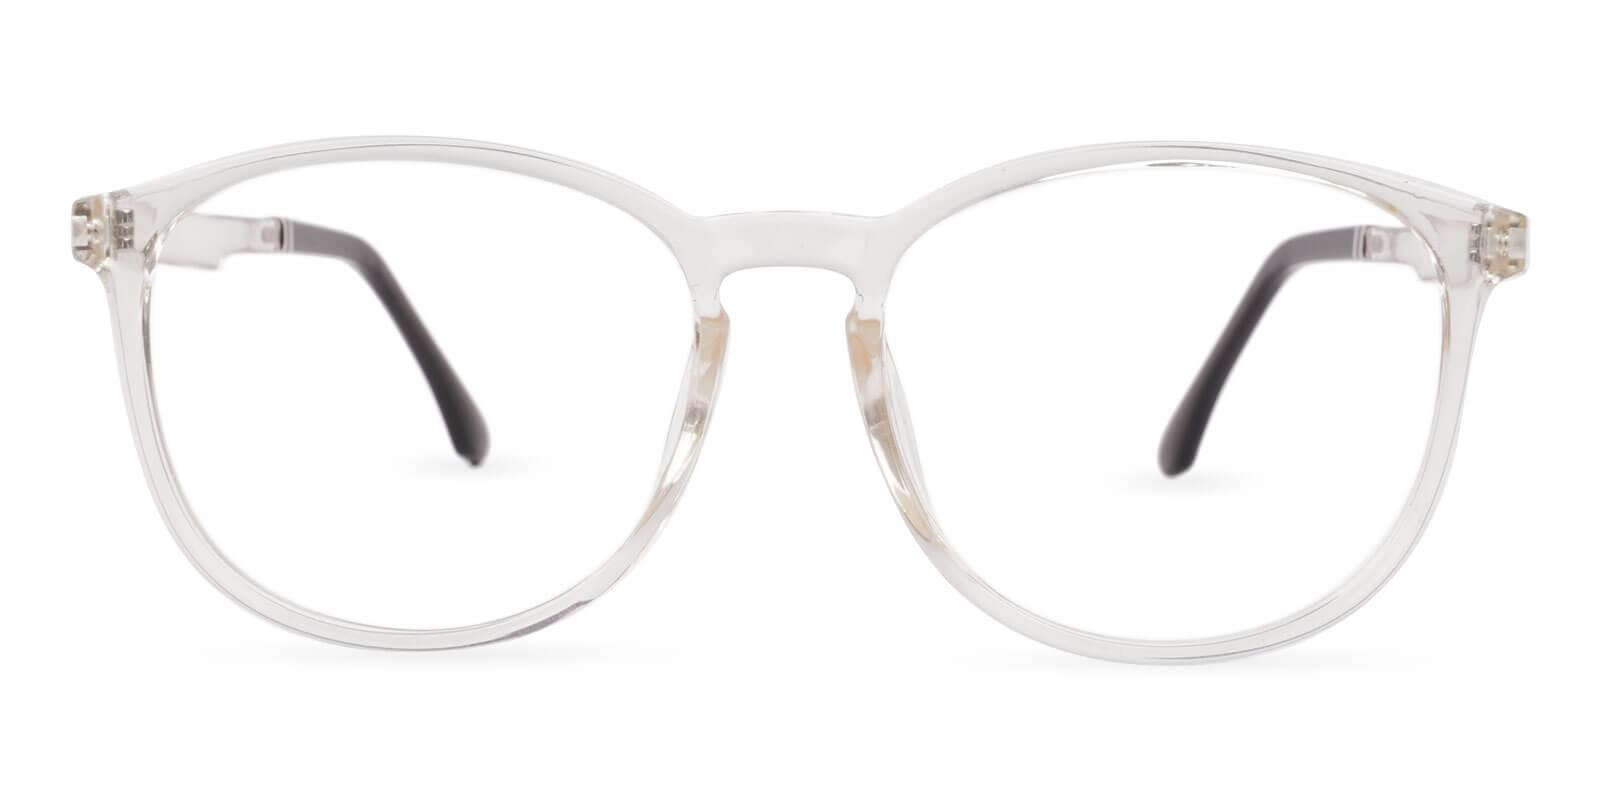 Hailey Fclear TR Eyeglasses , UniversalBridgeFit Frames from ABBE Glasses